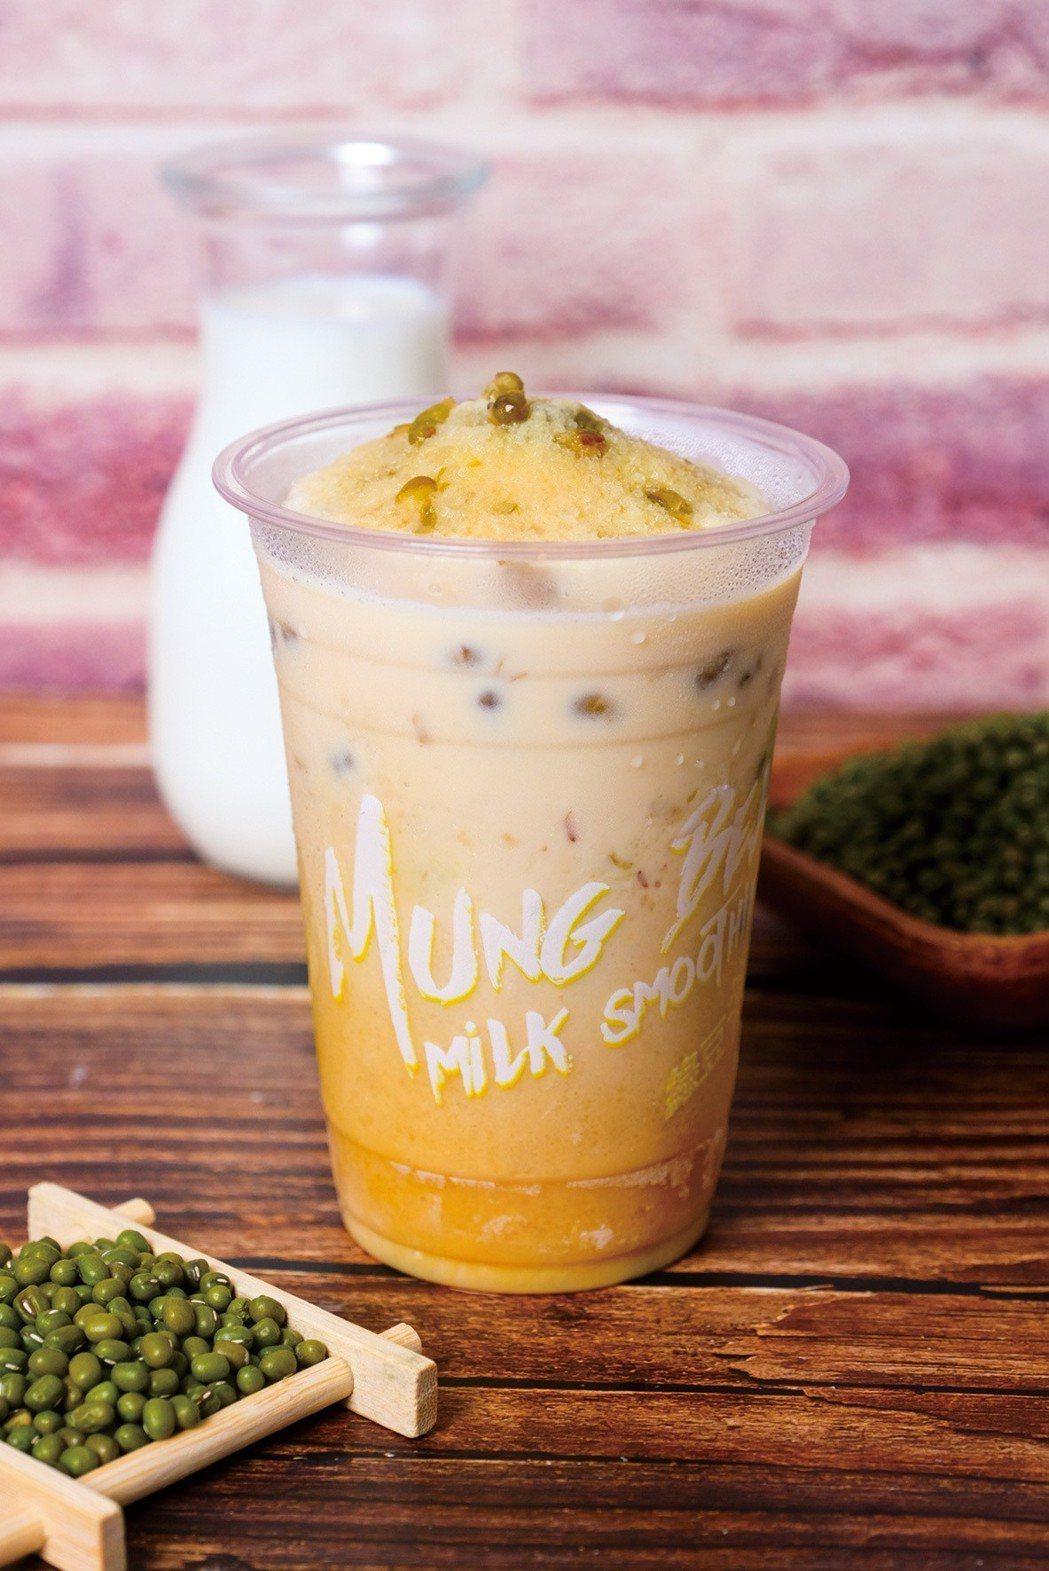 萊爾富綠豆殺牛奶冰沙,售價59元,5月22日至6月18日可享嘗鮮價49元。圖/萊...